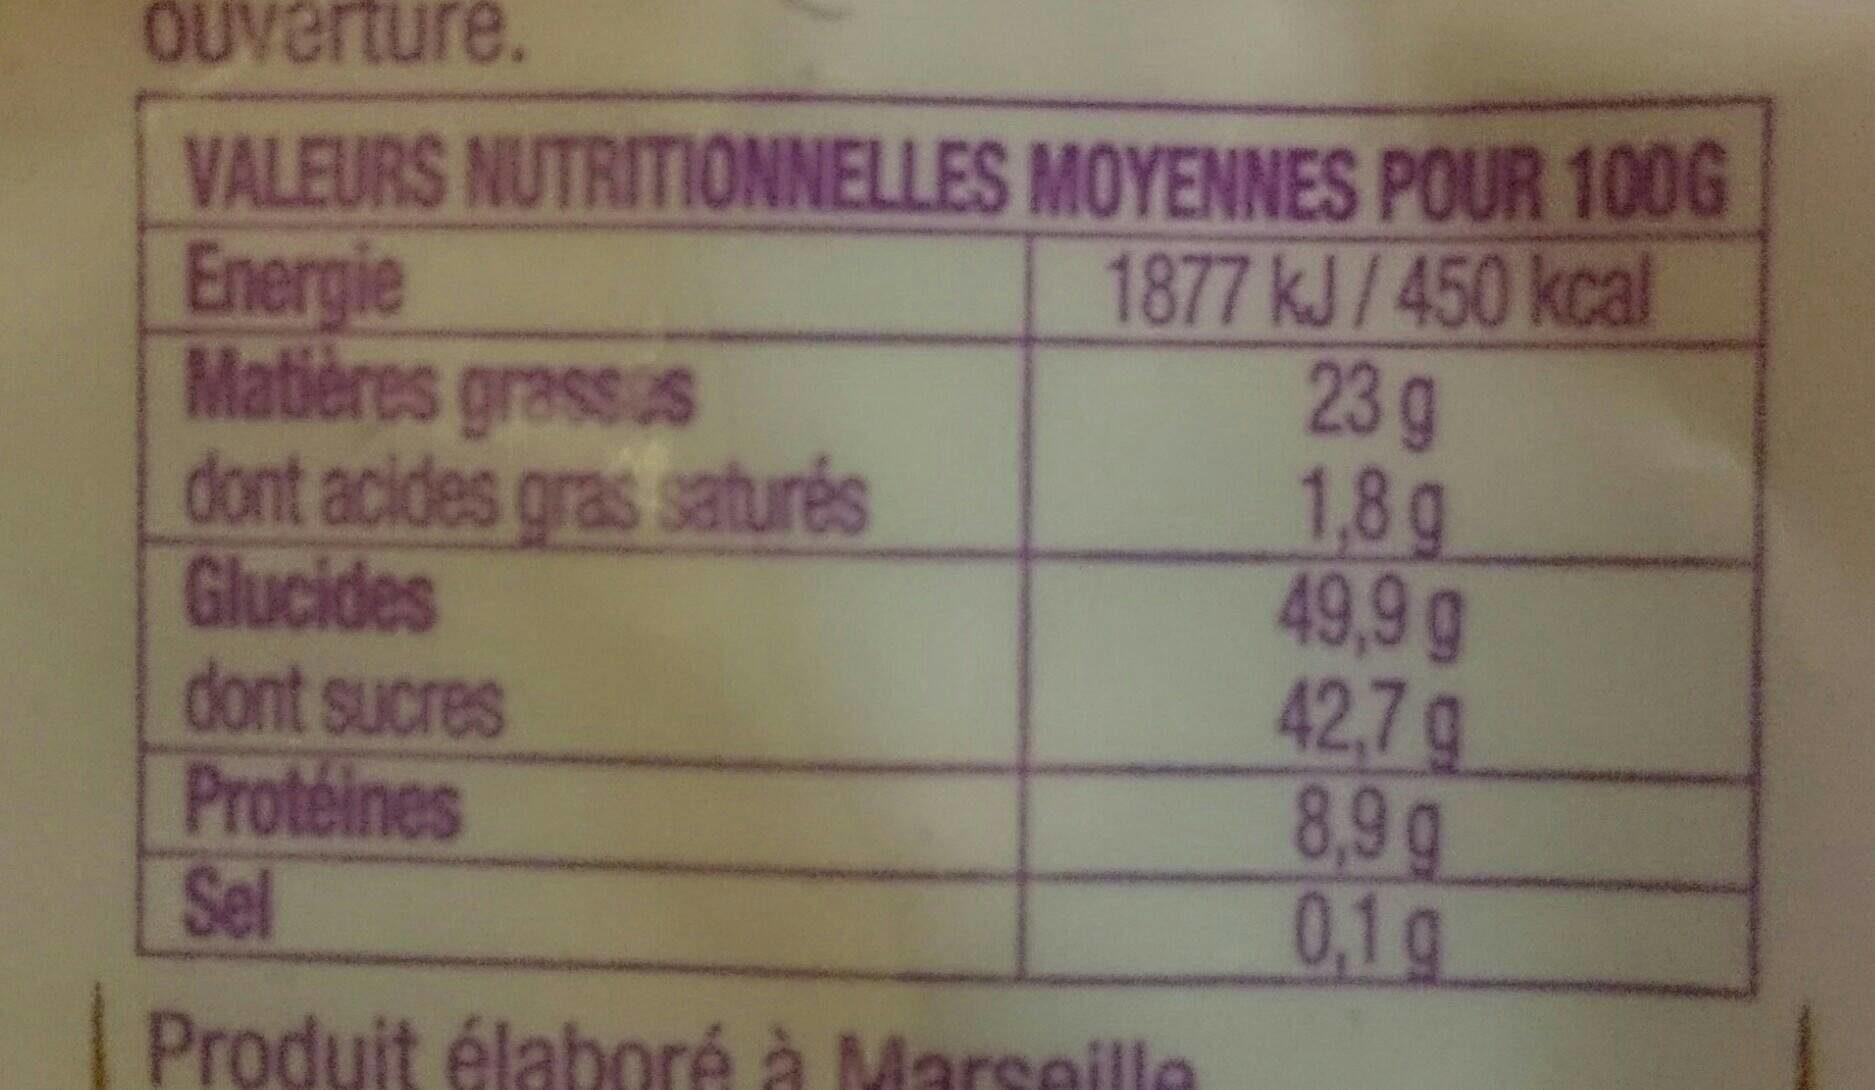 Croquandises - 3 Fruits Amandes Grillées, Raisins, Noisettes - Informations nutritionnelles